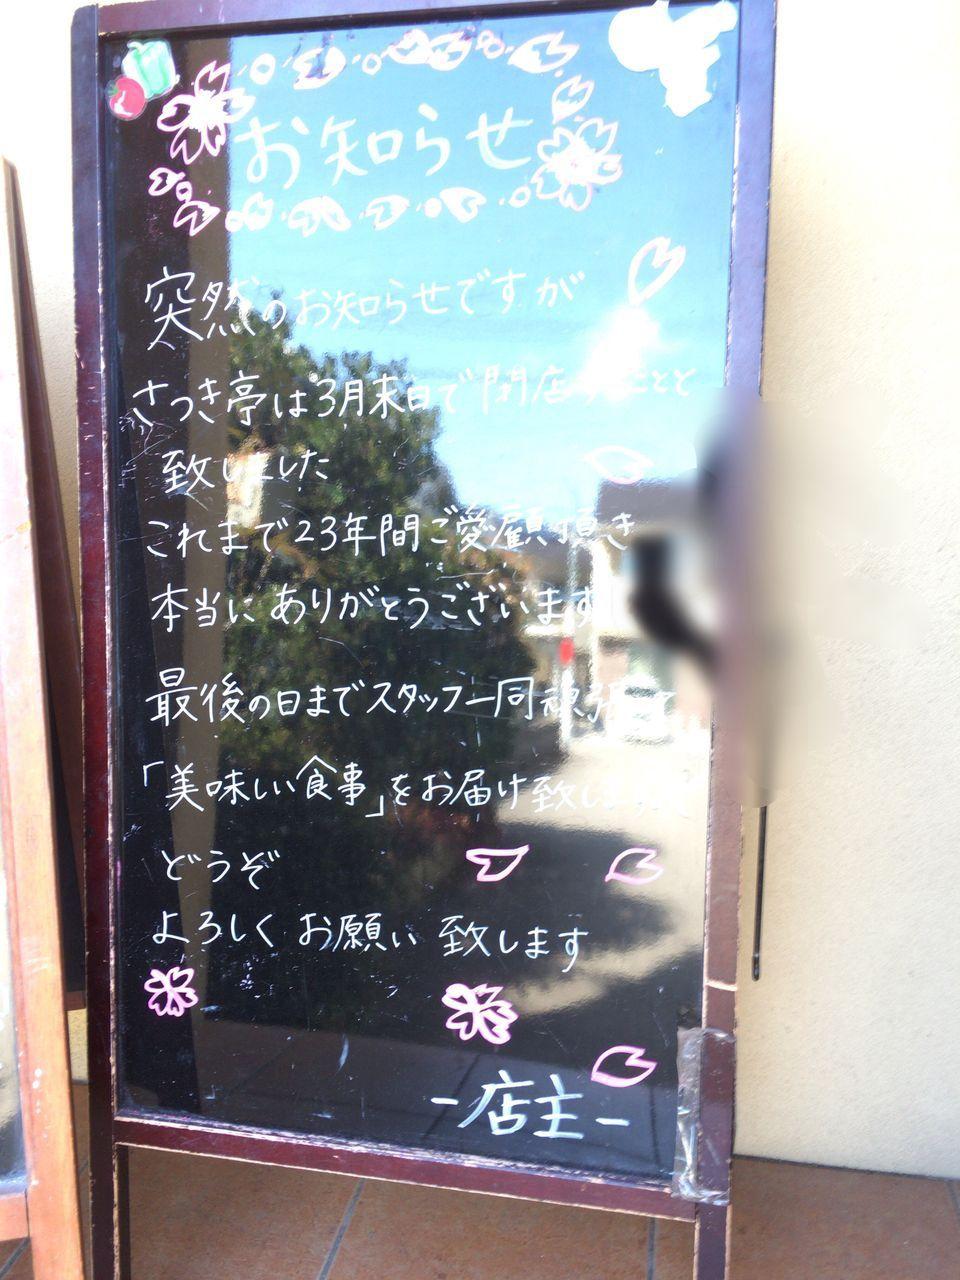 金沢市都市開発総合スレッド [無断転載禁止]©2ch.netYouTube動画>4本 ->画像>58枚